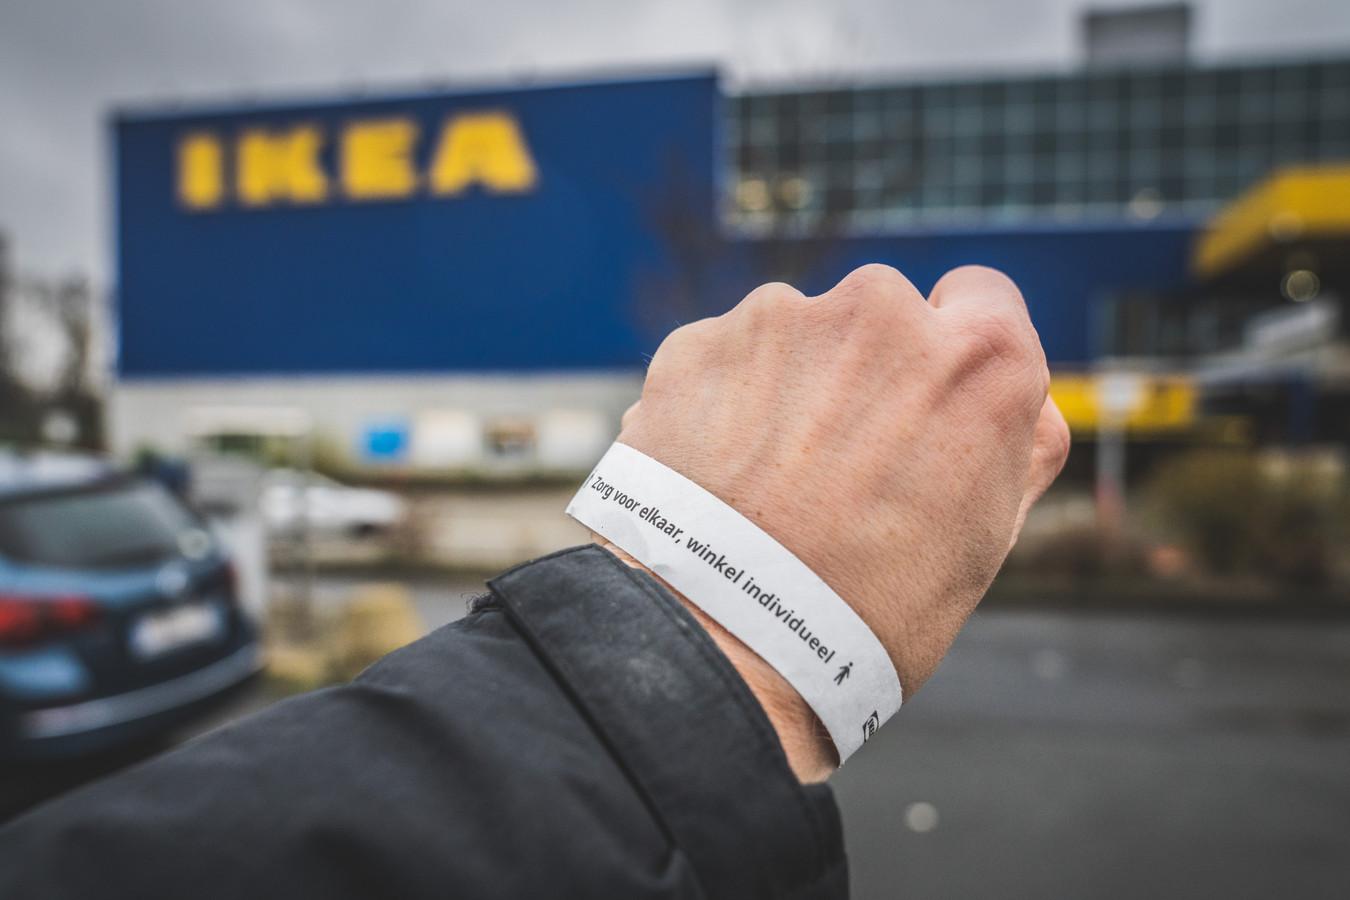 Armbandjes worden uitgedeeld aan automobilisten, zodat maar 1 persoon de Ikea binnen kan